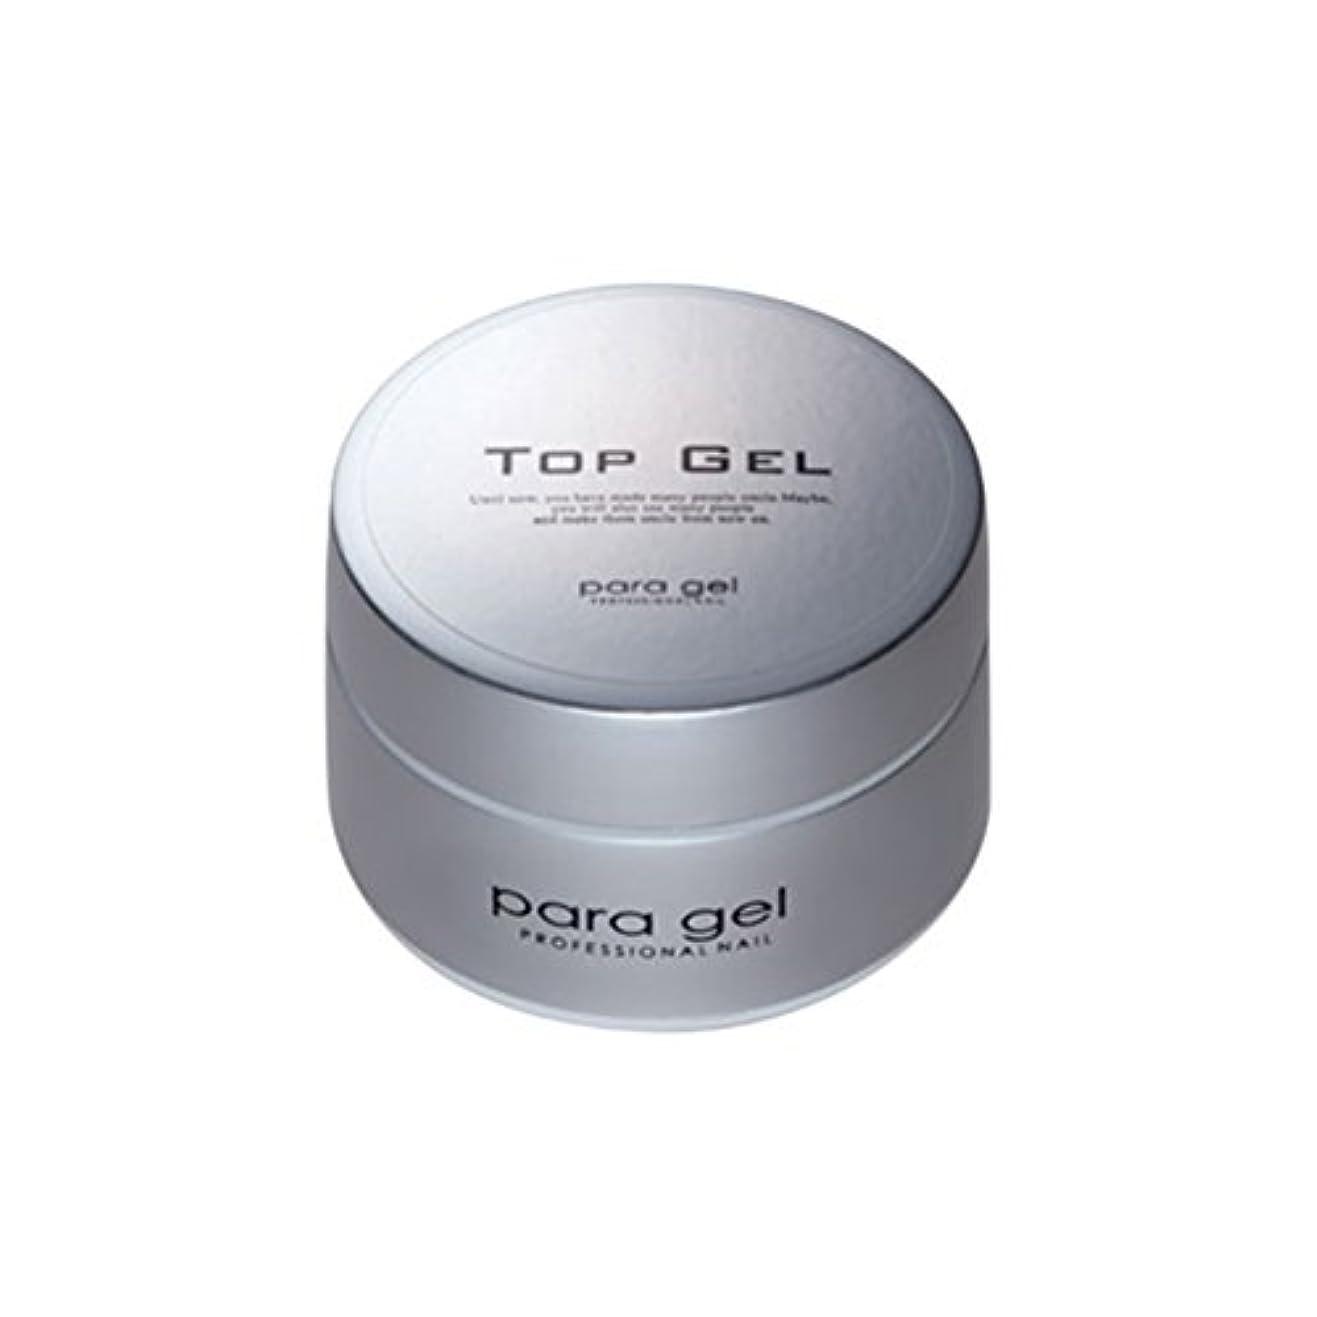 後退する軽蔑する宿るpara gel トップジェル 10g